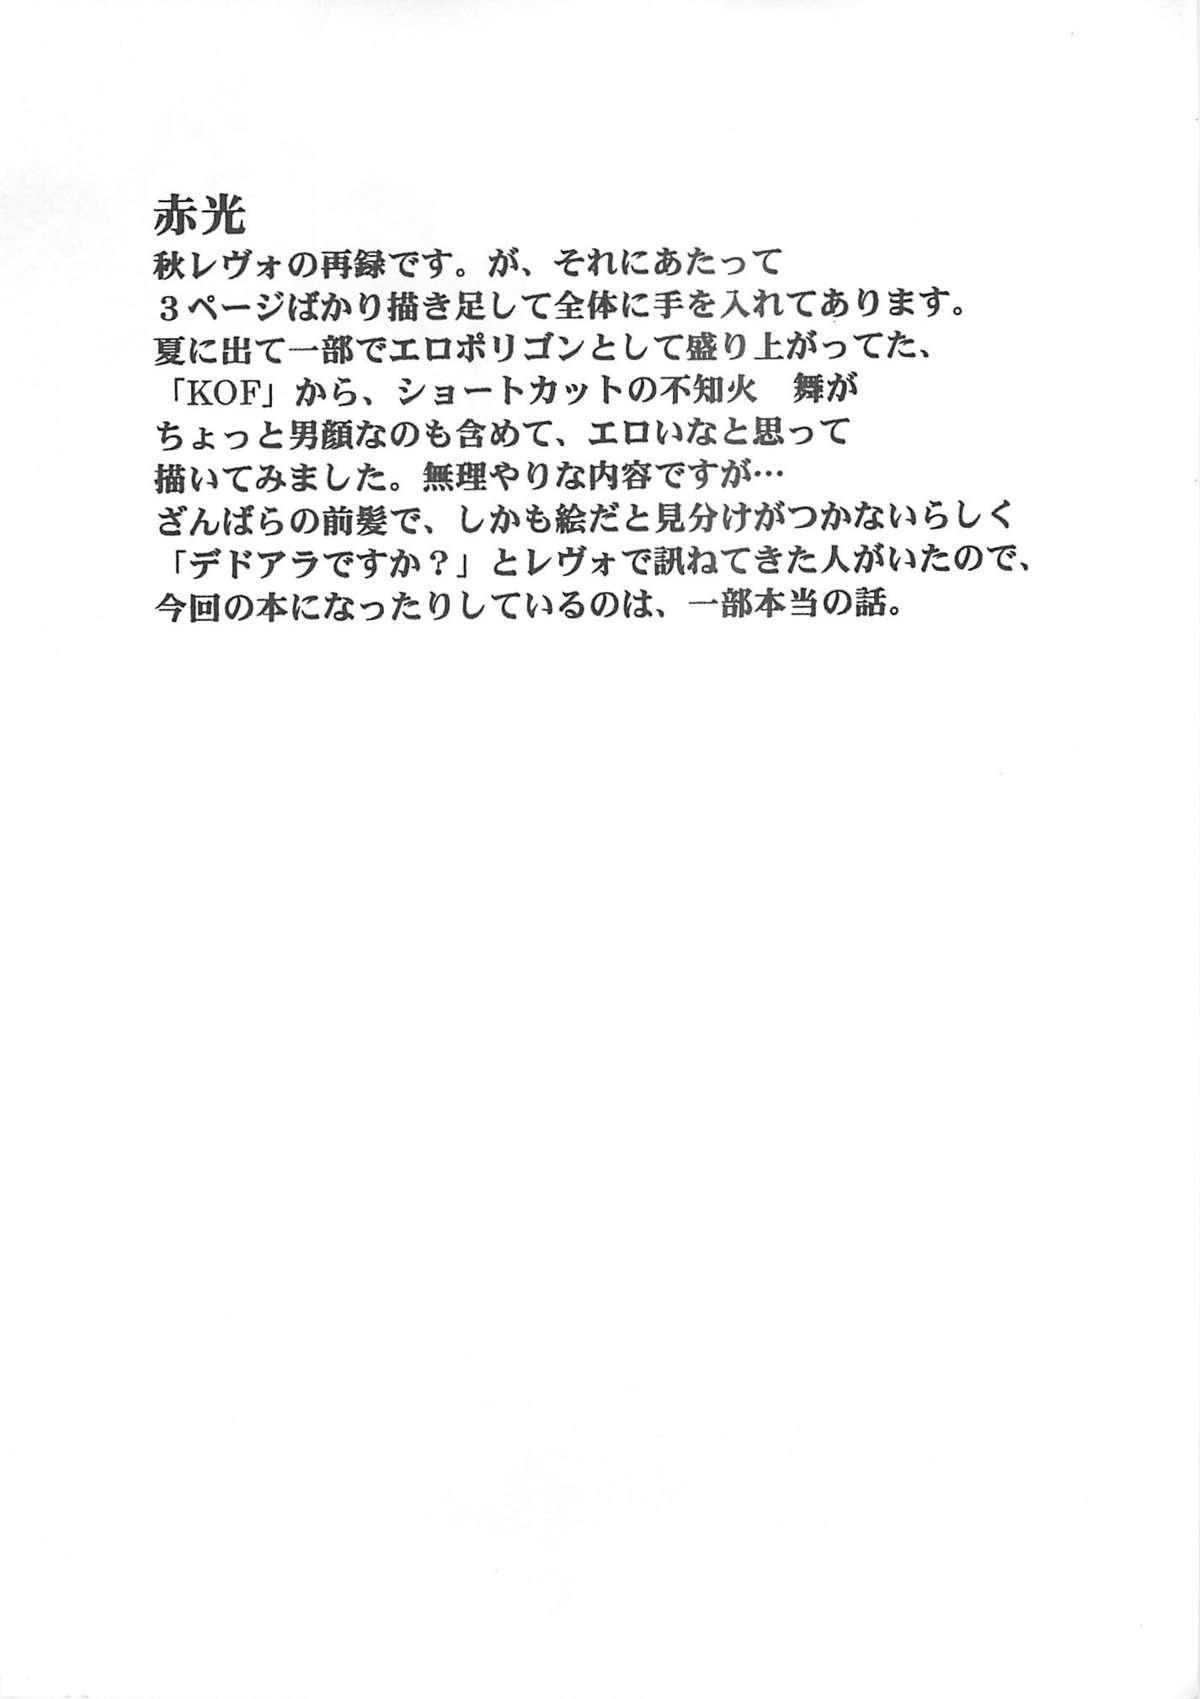 Hanafubuki 22